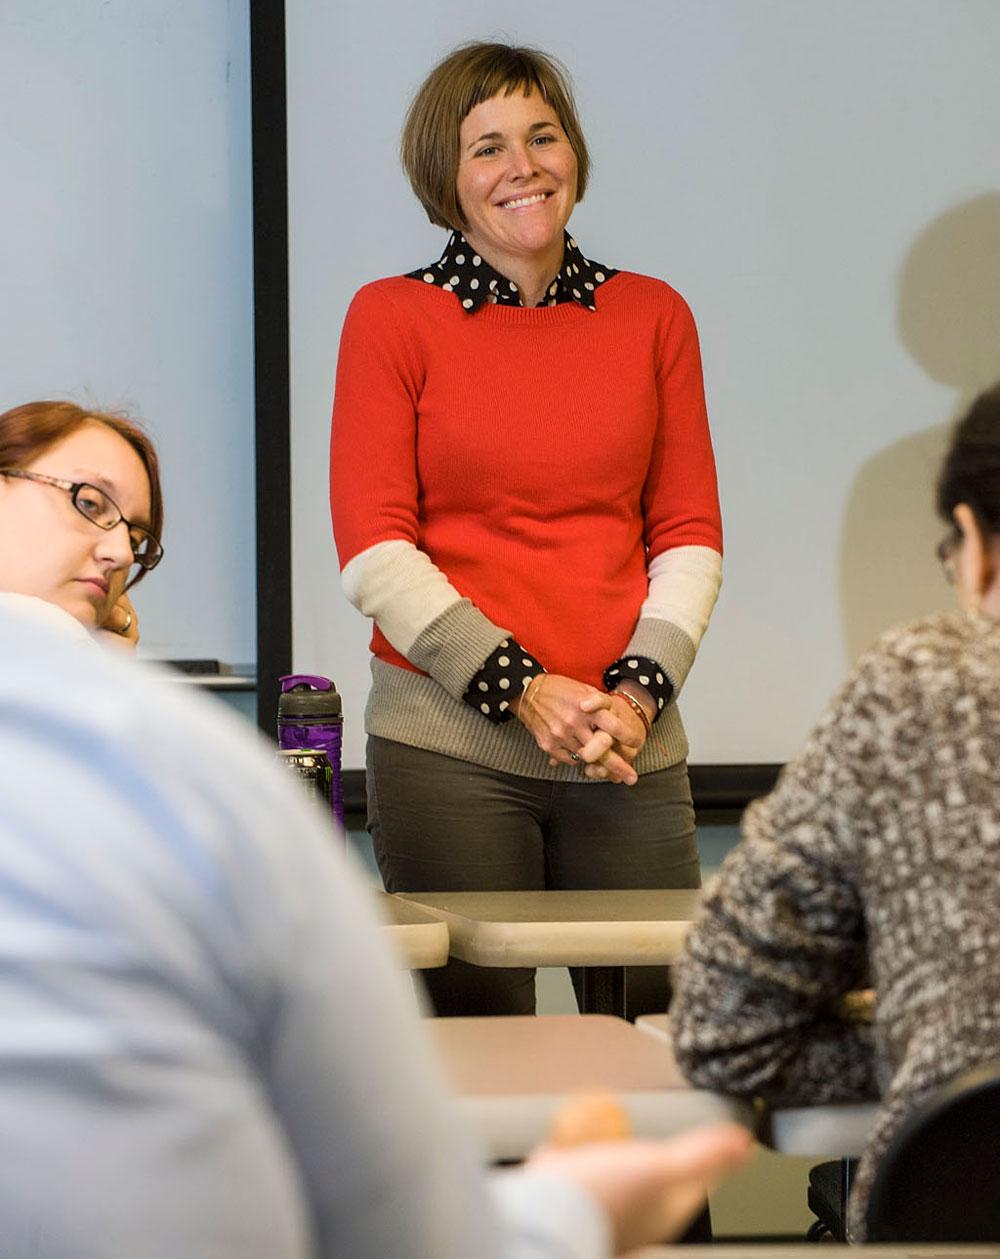 Sally Lamping Teaching